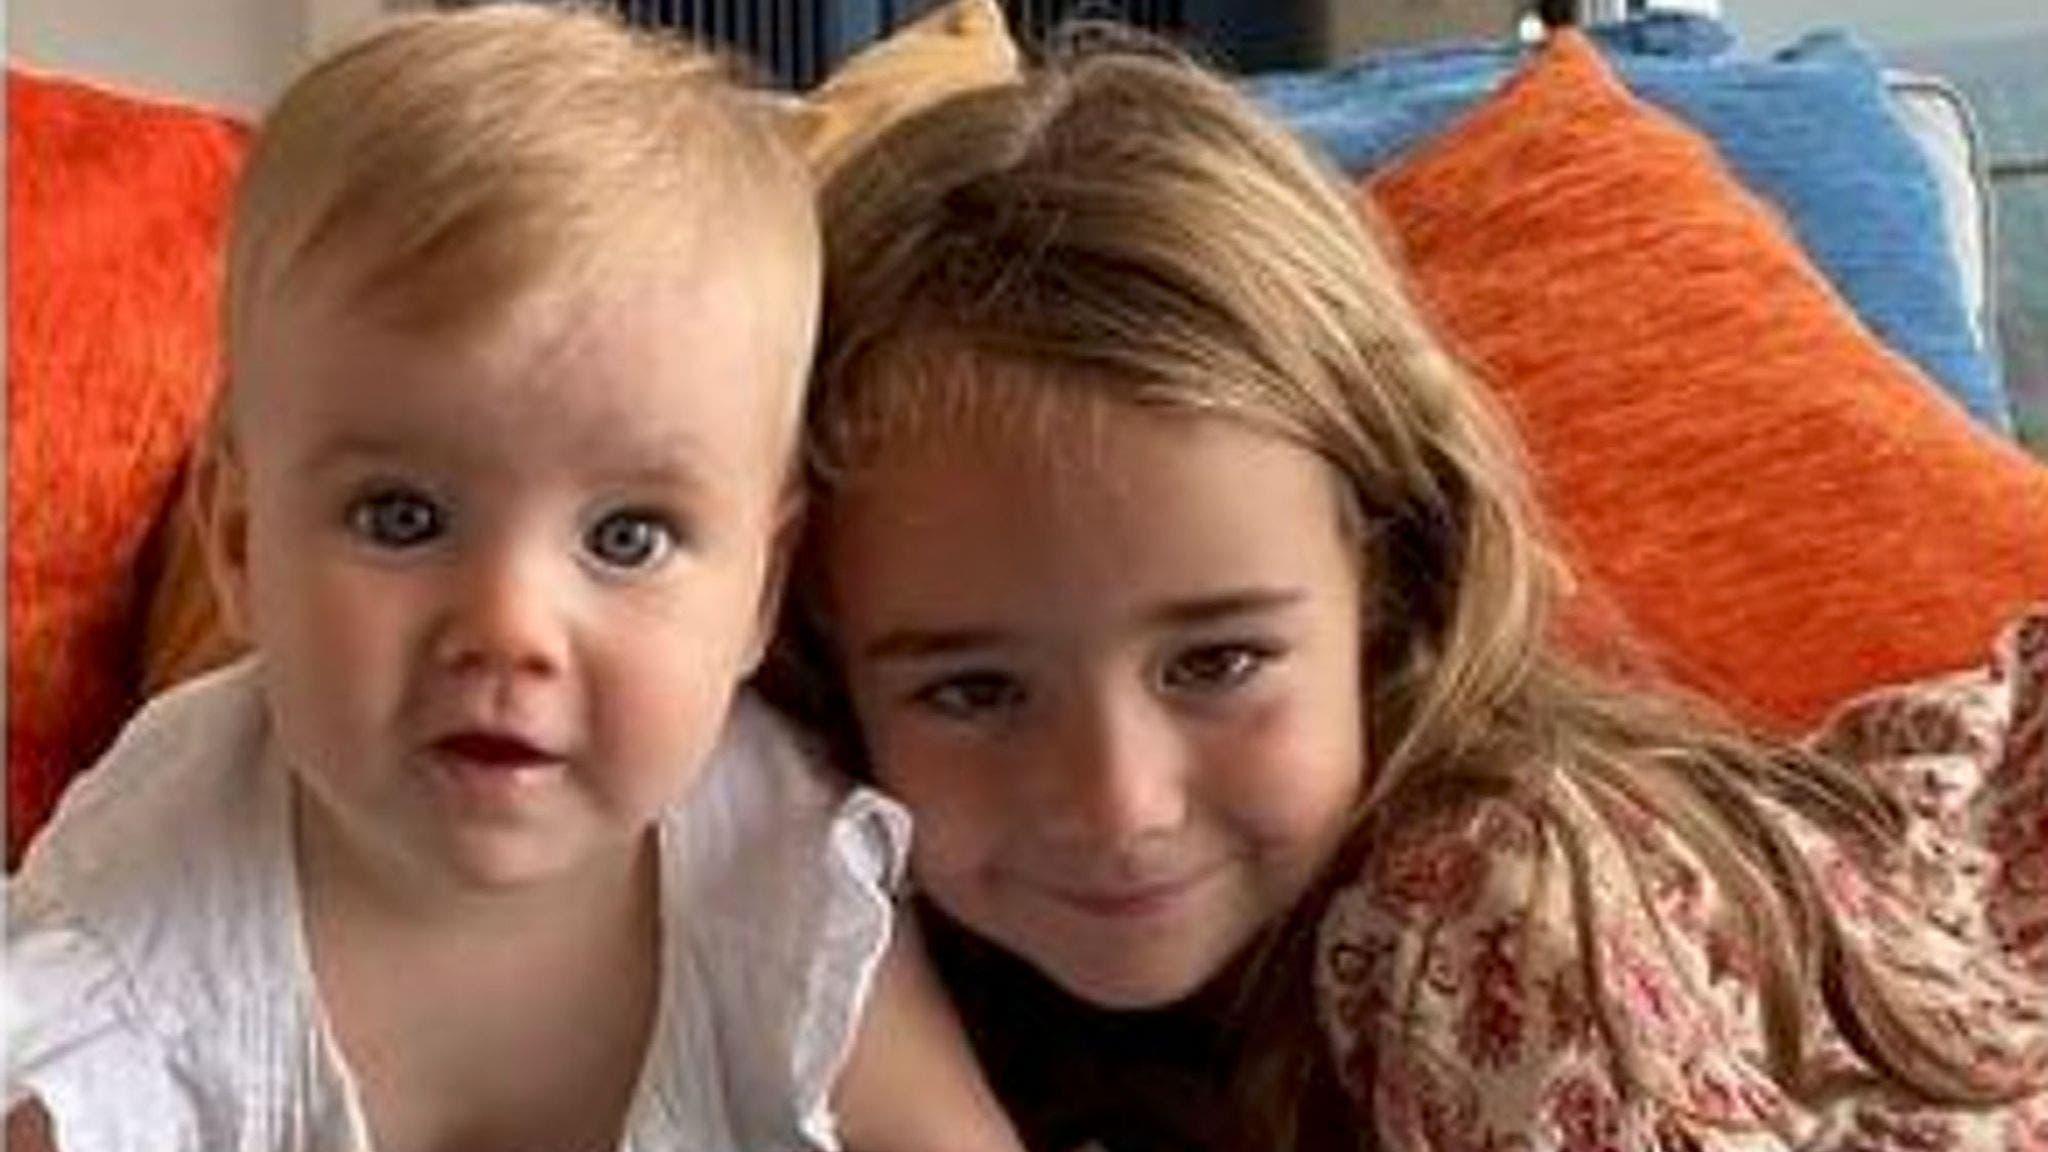 الطفلتان أوليفيا وآنّا